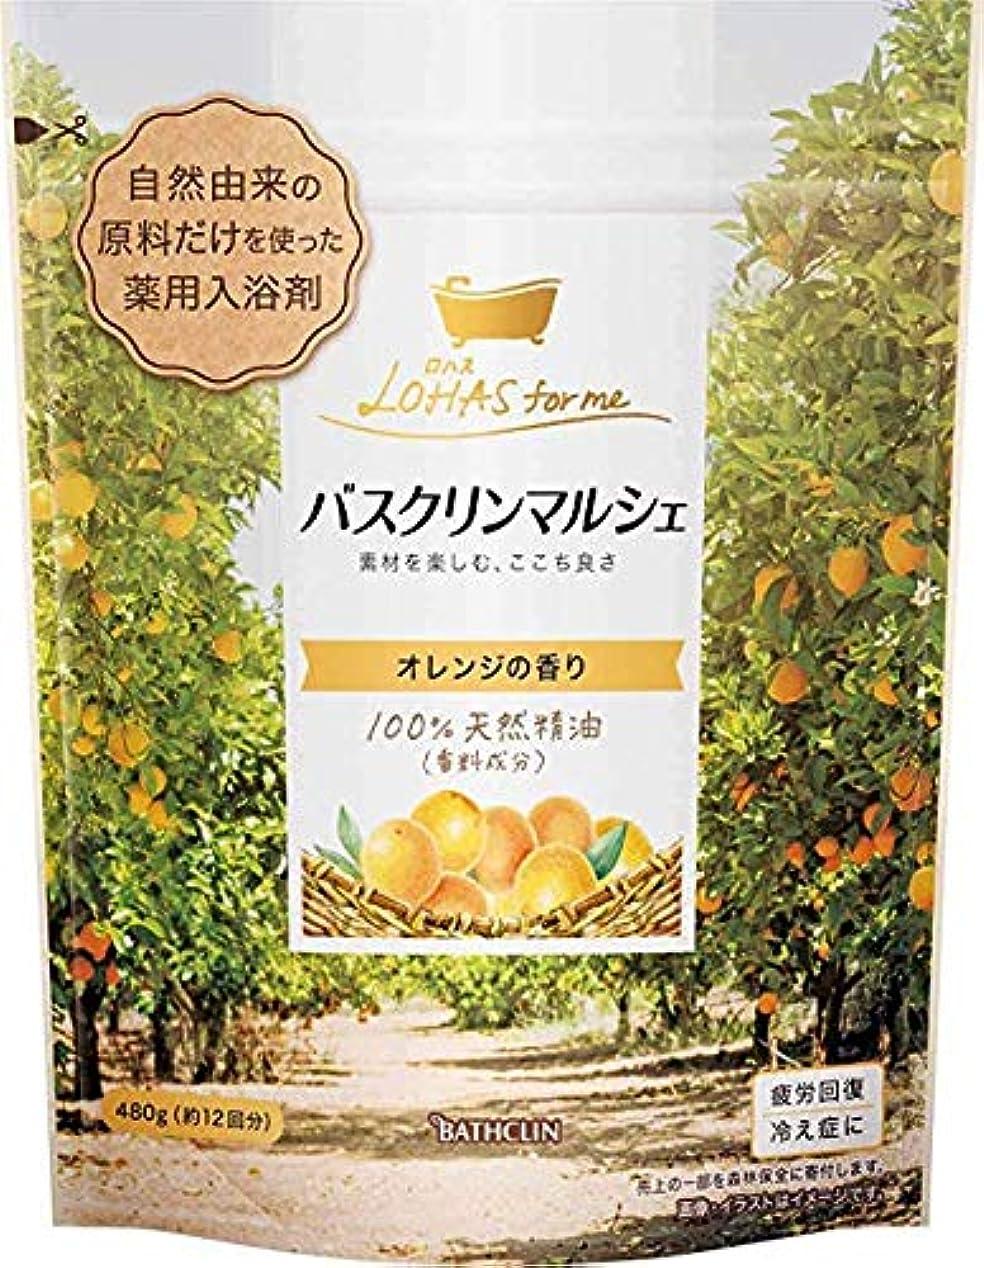 レイアウト思い出させる命令【合成香料無添加/医薬部外品】バスクリンマルシェオレンジの香り480g入浴剤